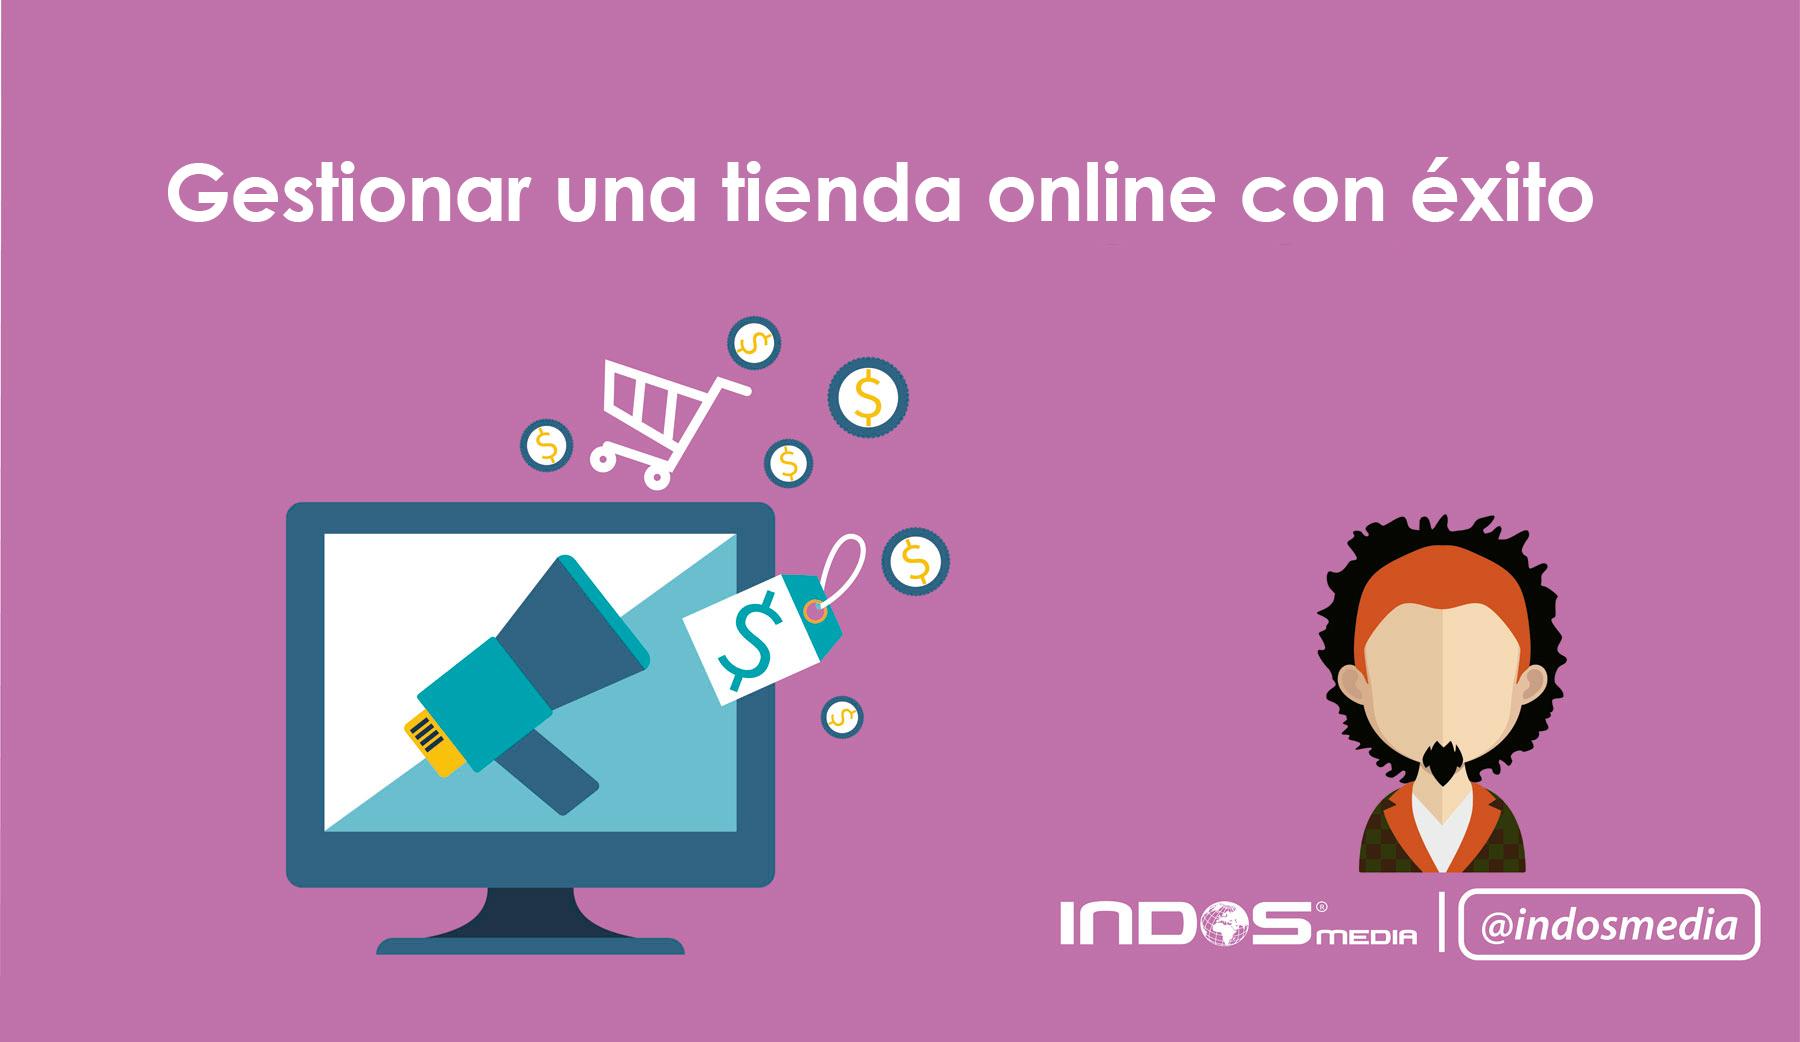 Gestionar una tienda online